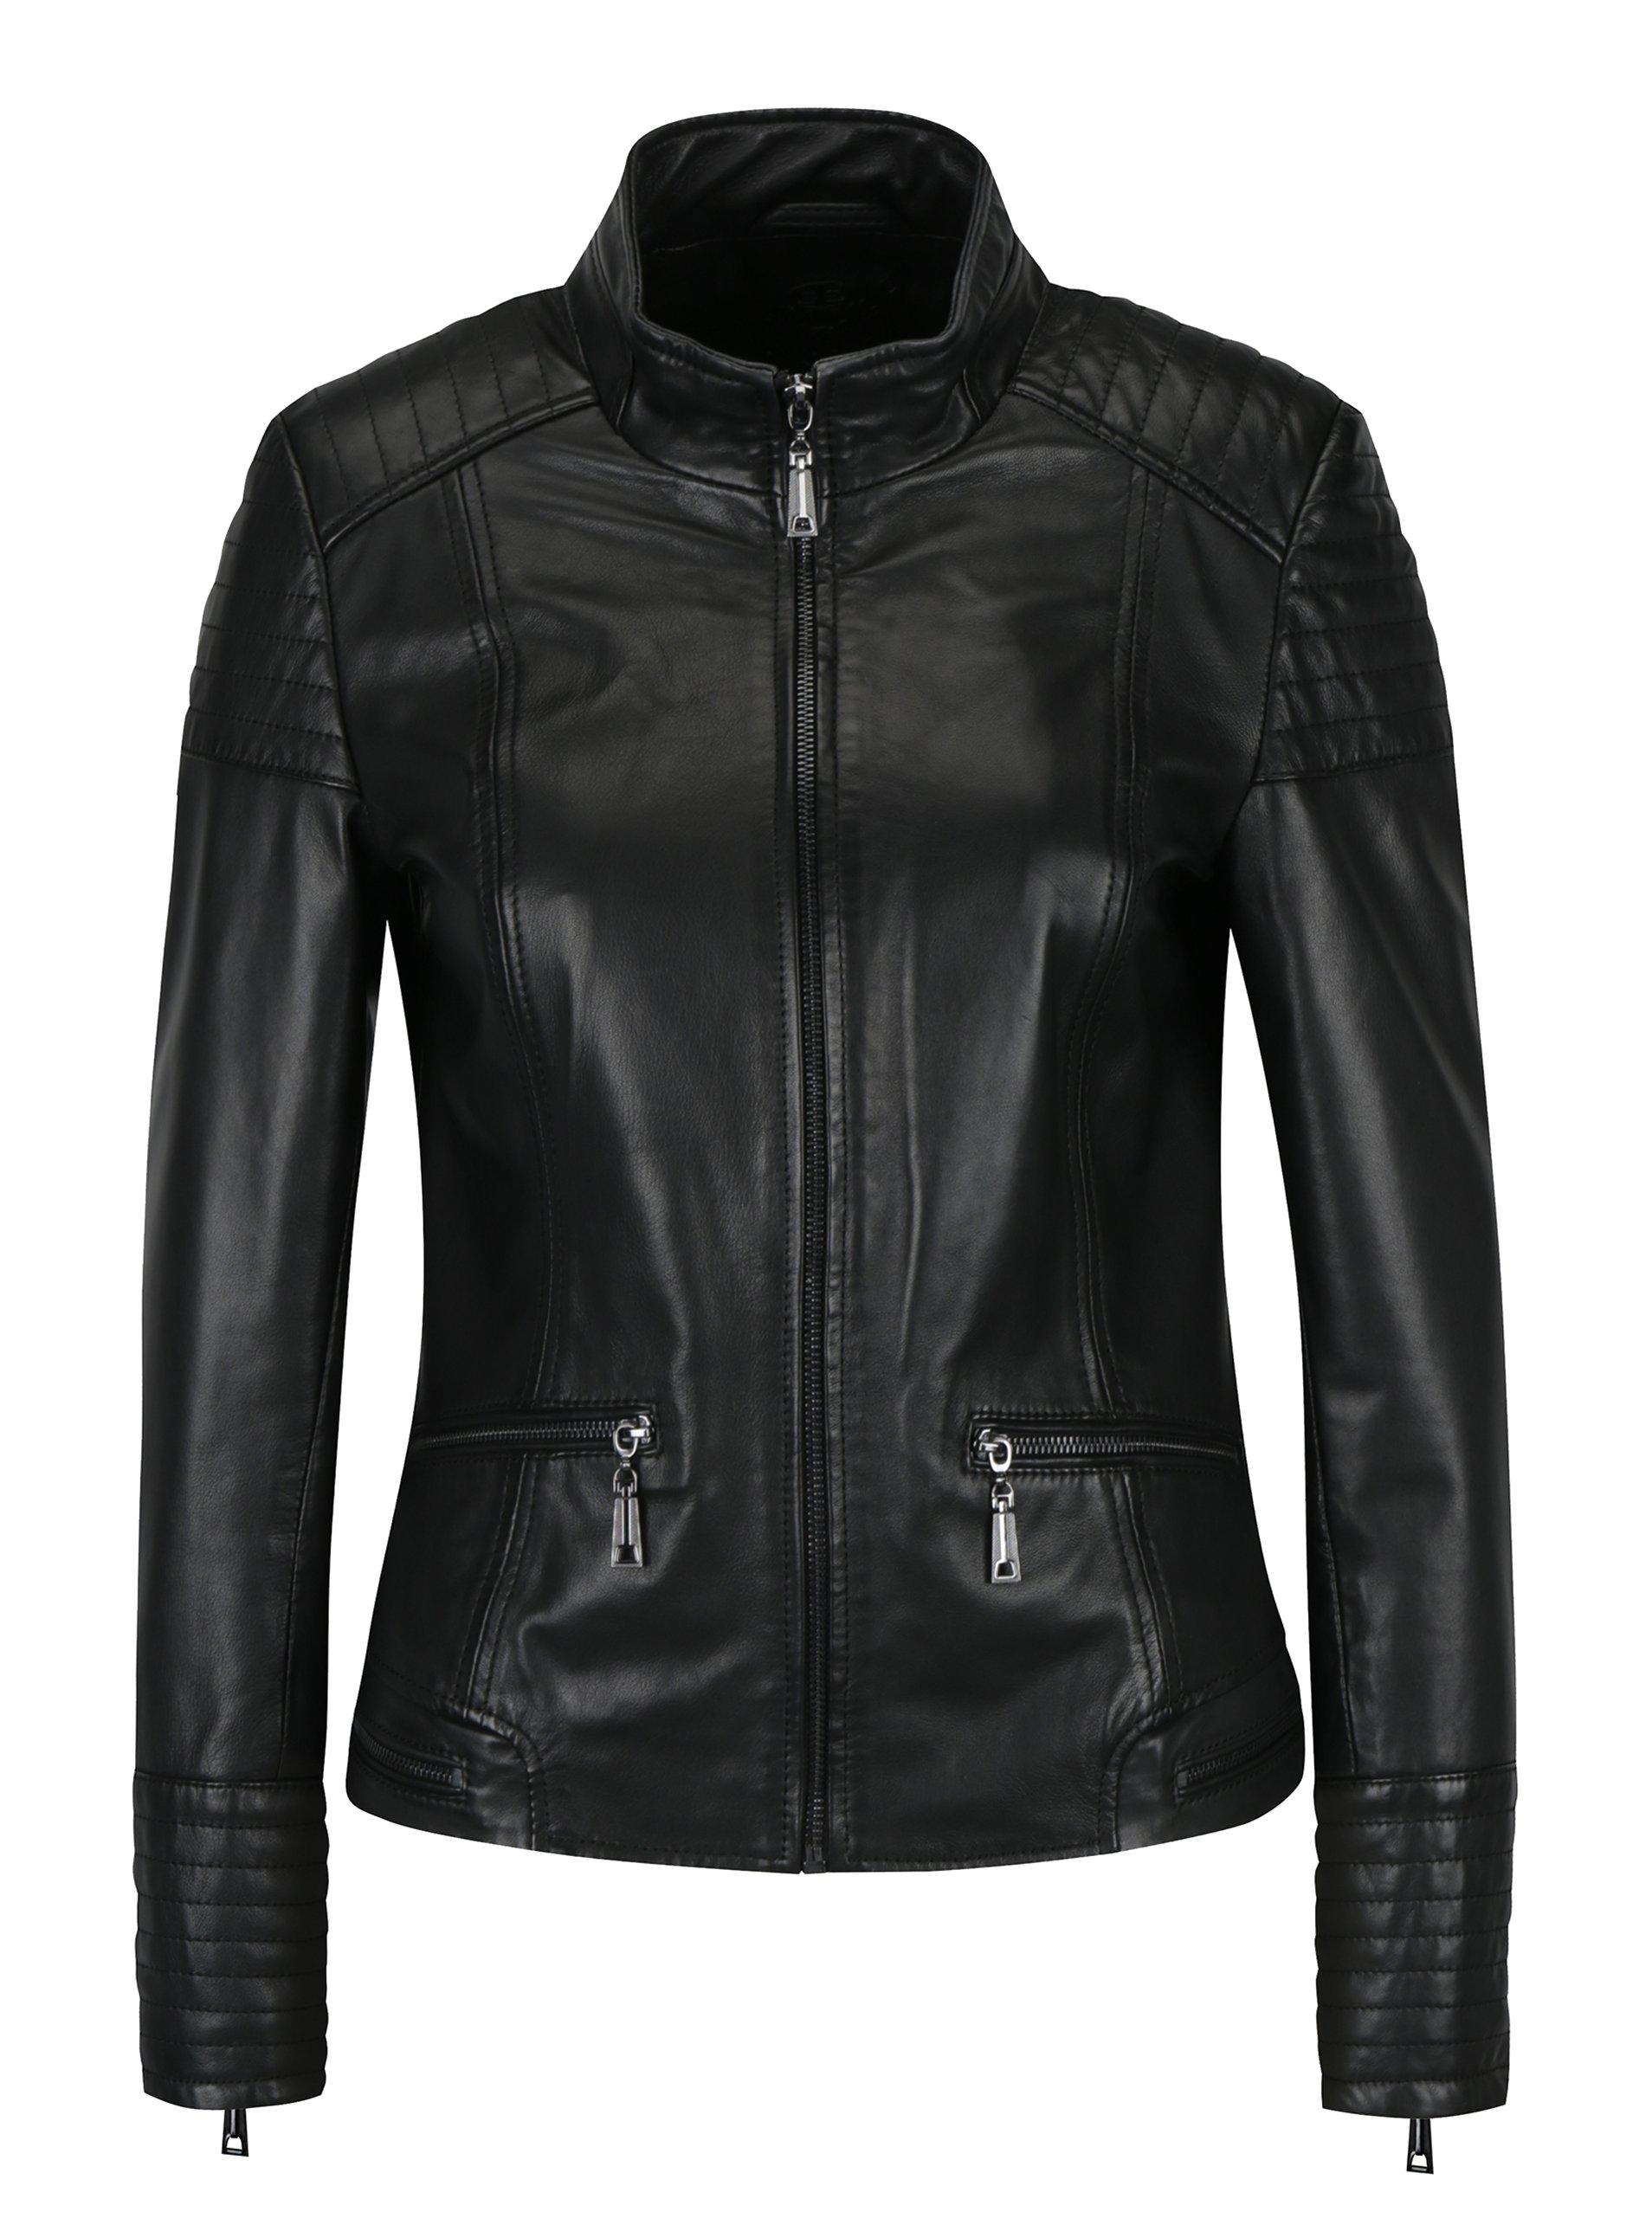 Černá dámská kožená bunda s prošívanými detaily KARA Pavlina